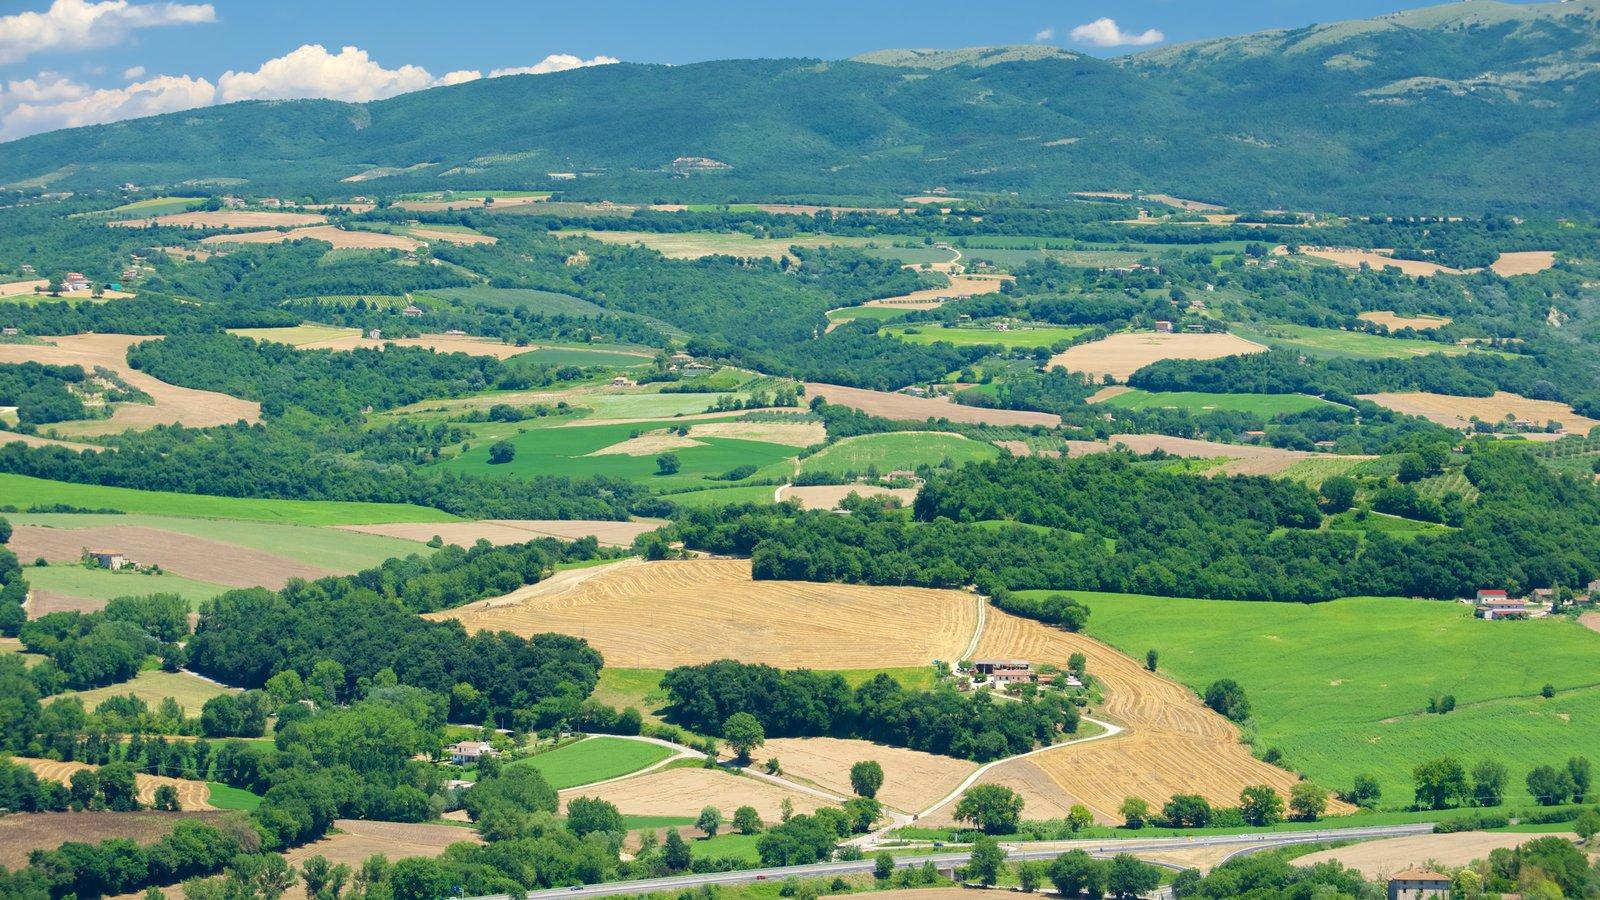 Todi que incluye una pequeña ciudad o pueblo, vistas de paisajes y tierras de cultivo